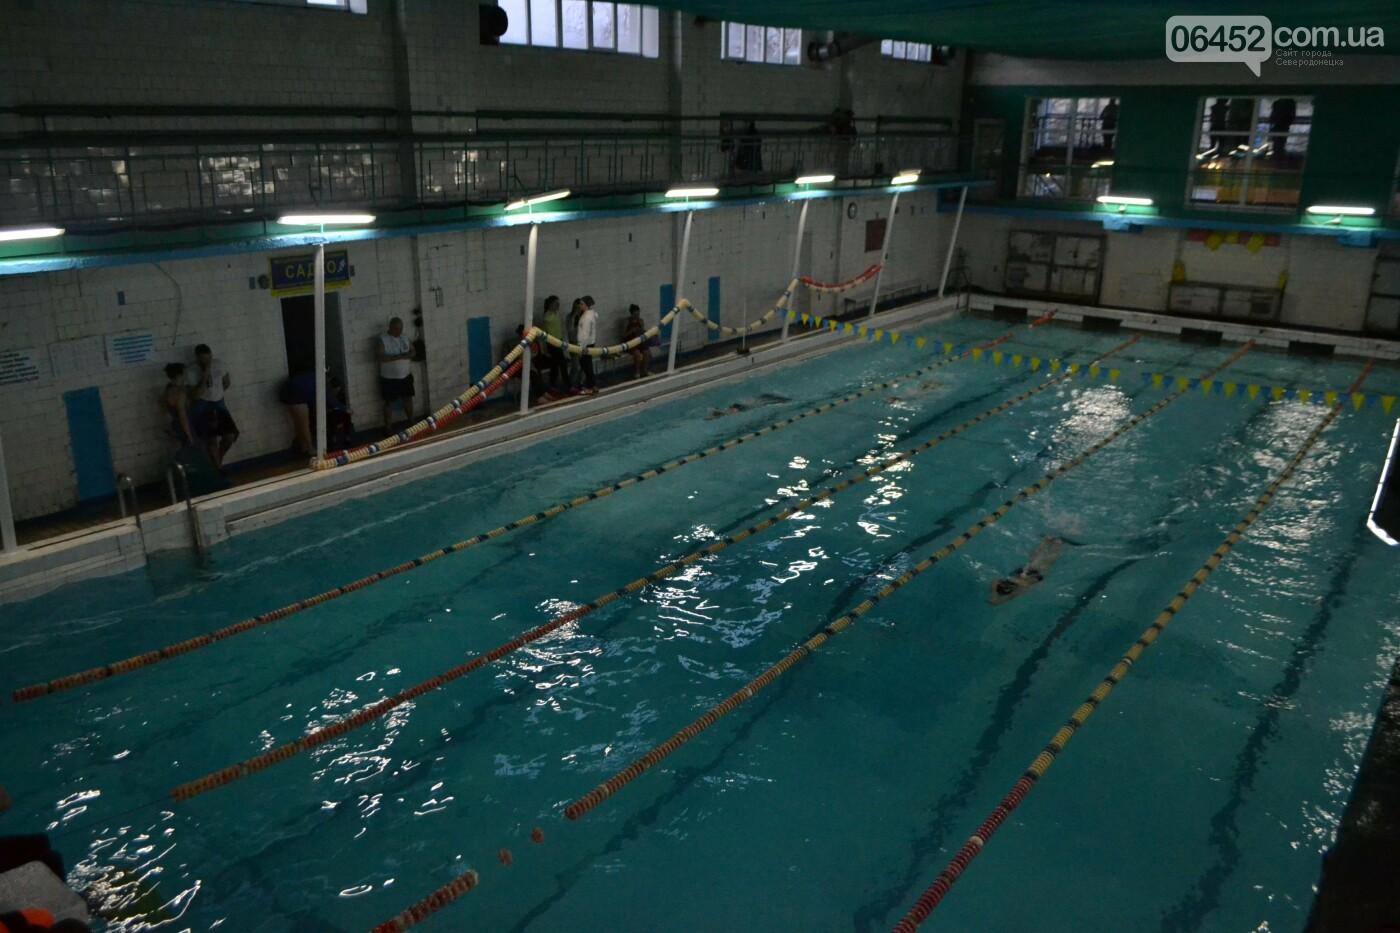 В Северодонецке проходит Чемпионат области по подводным видам спорта (фото, видео) , фото-19